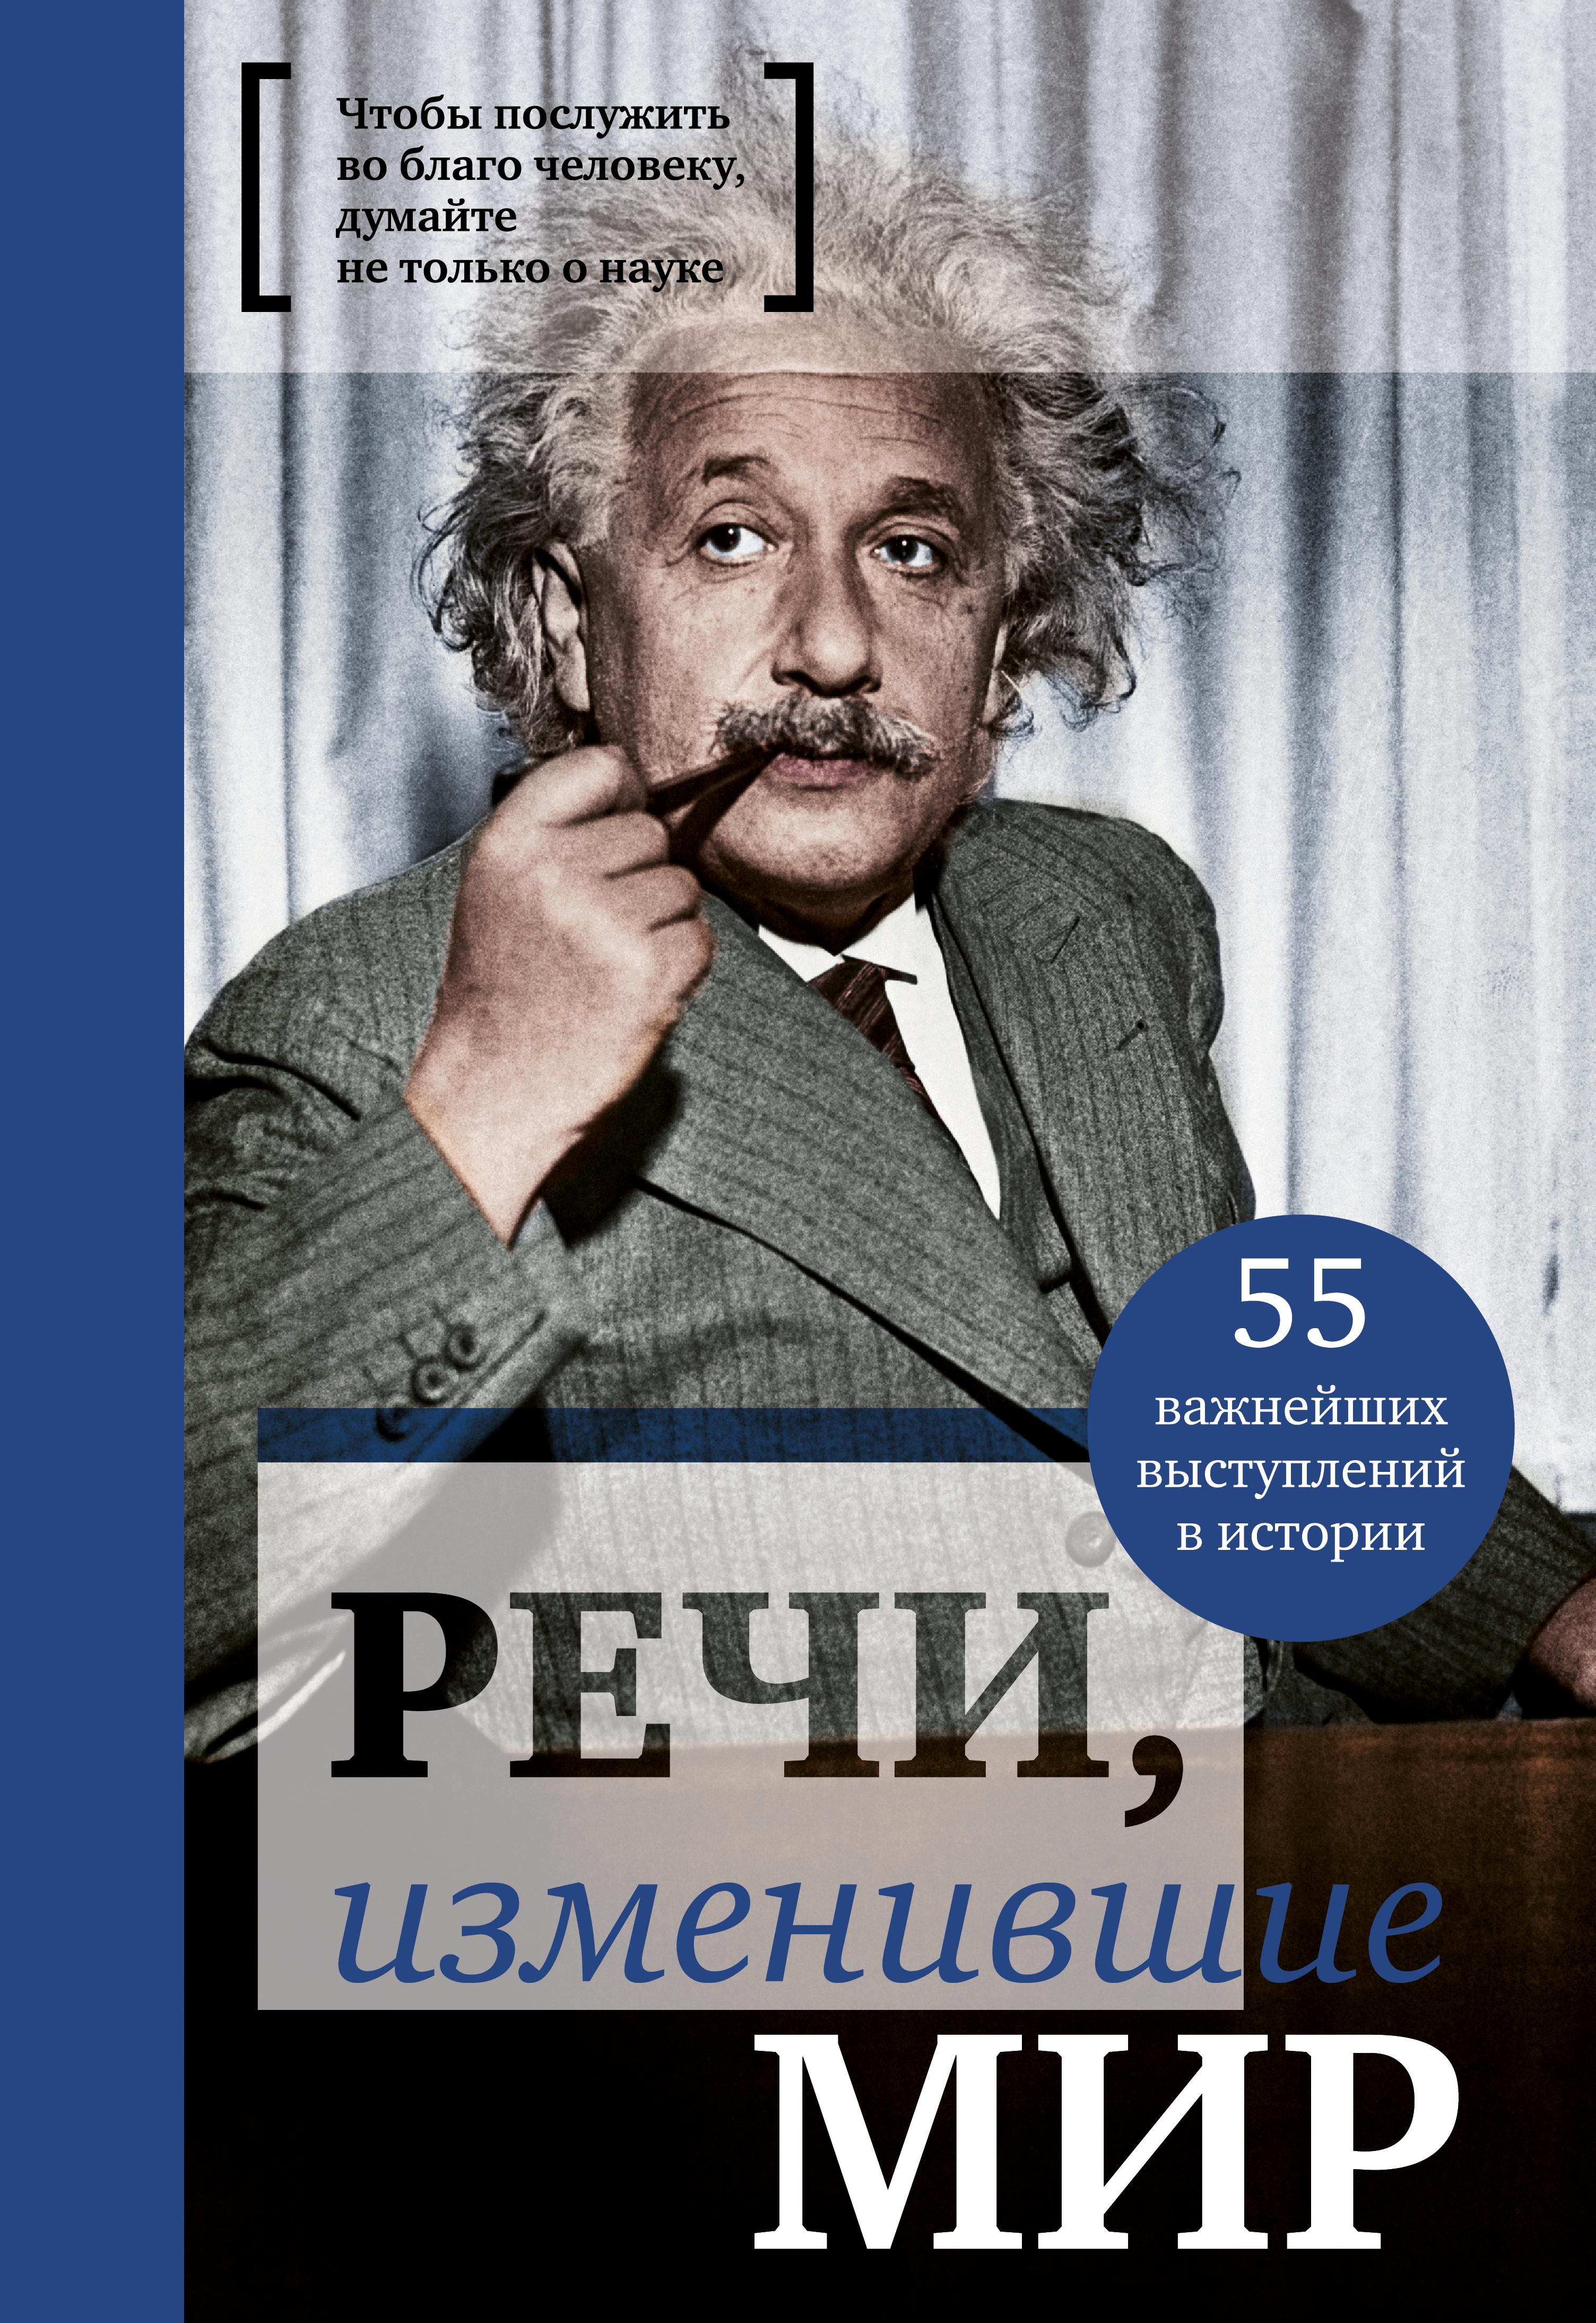 В. Апанасик Речи, изменившие мир (Эйнштейн) цена